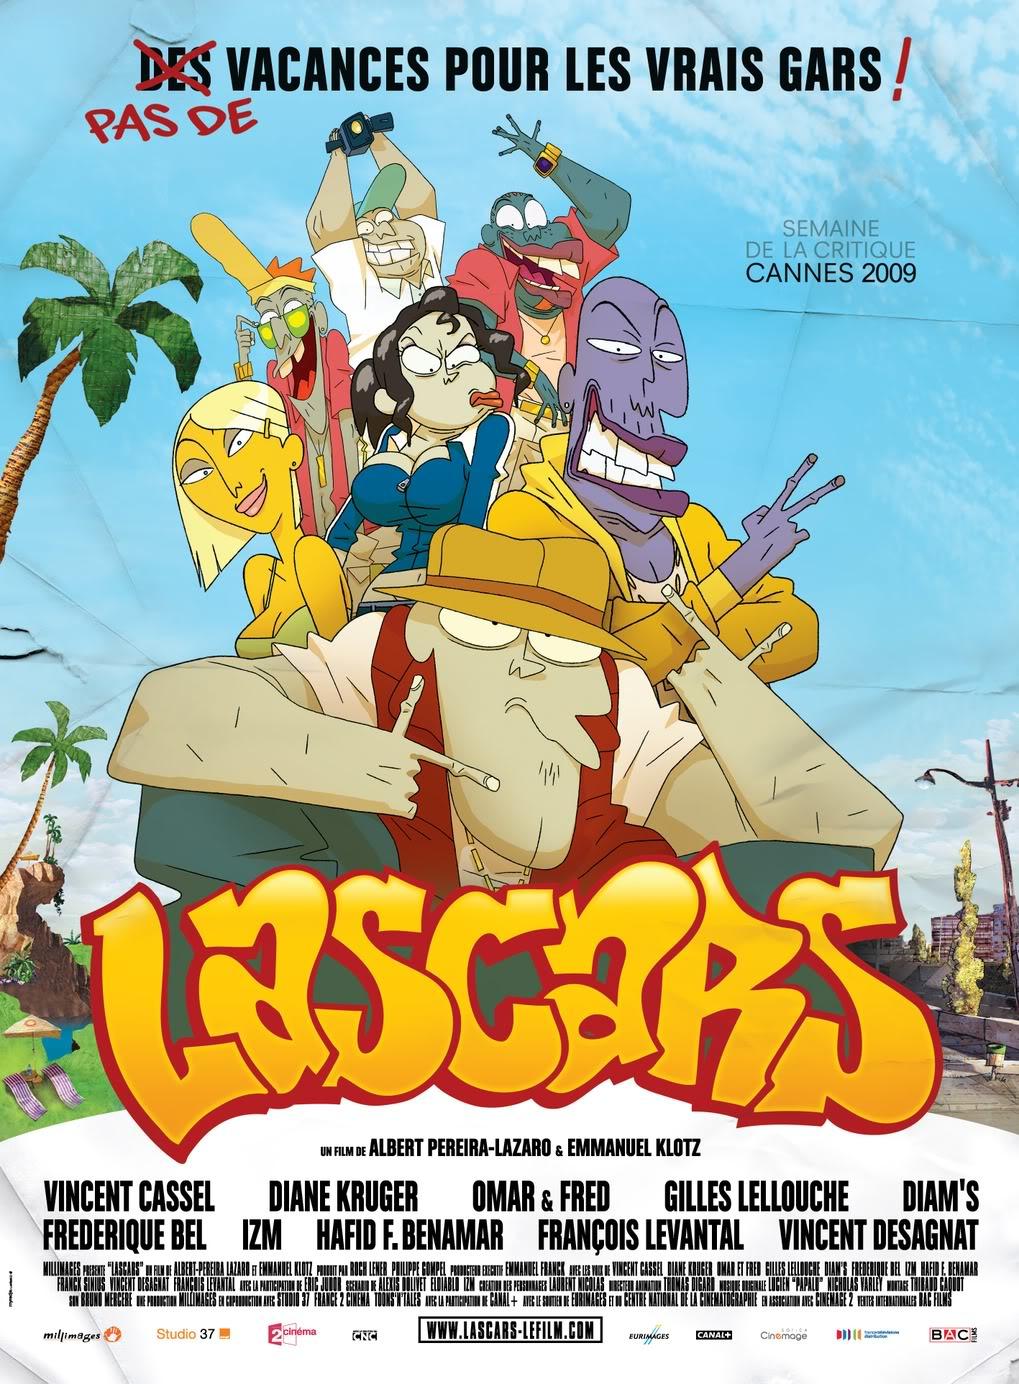 [Millimages et Studio 37] Lascars (17 juin 2009) Lascars_affiche